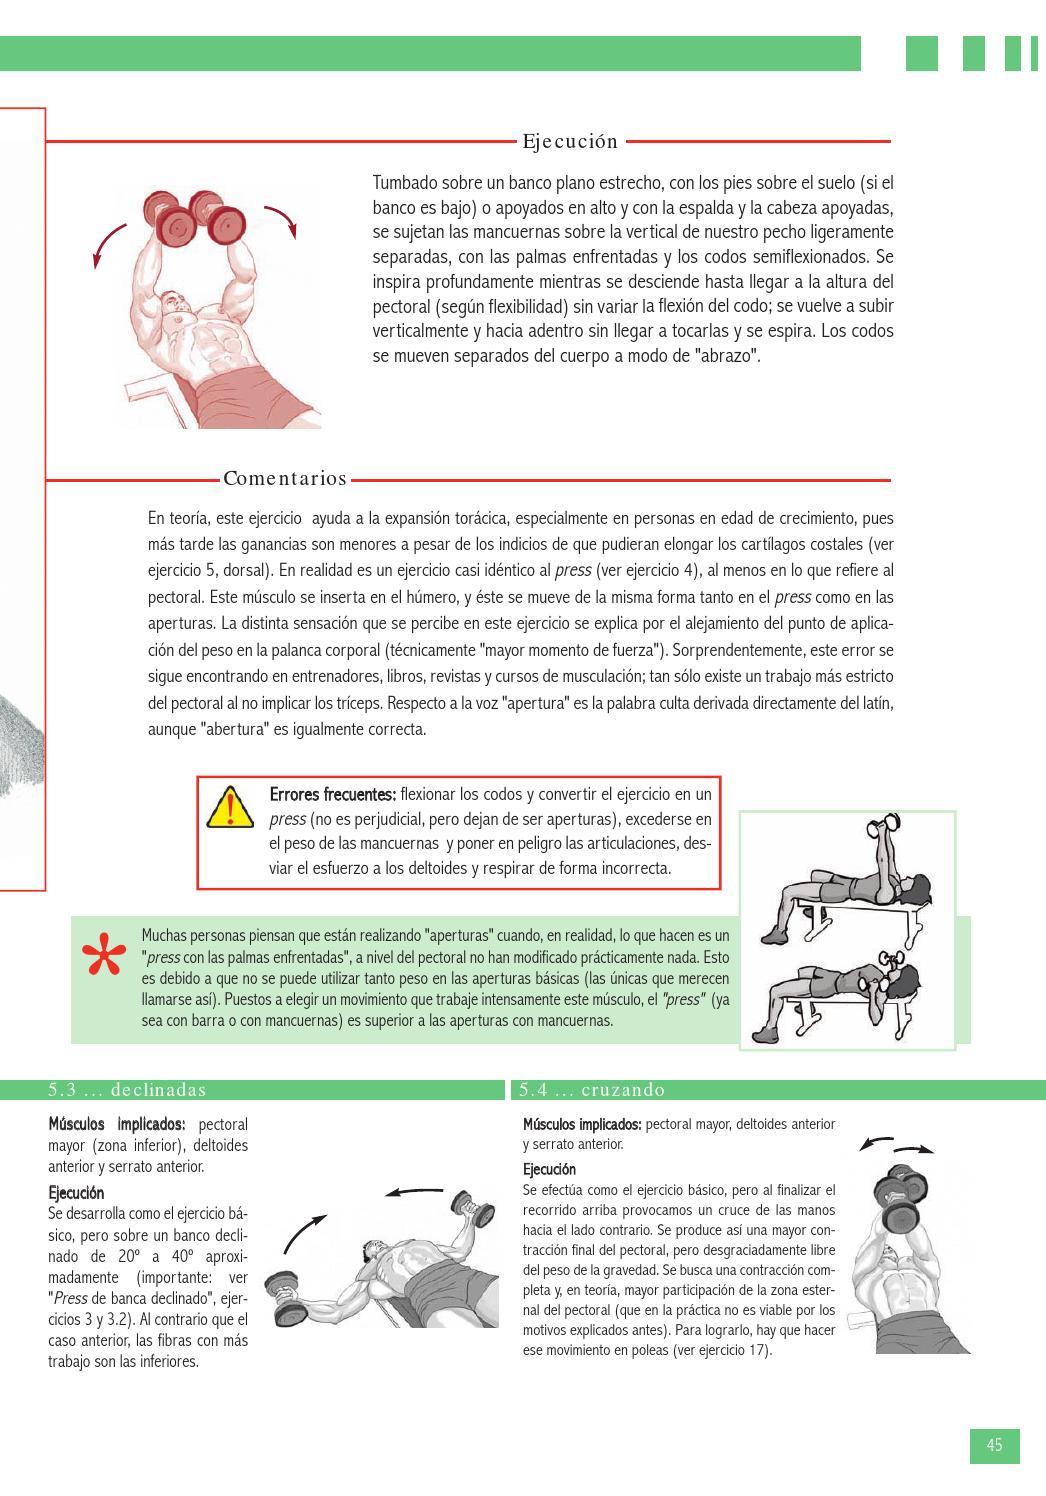 Enciclopedia De Ejercicios De Musculación By Efdgq - Issuu